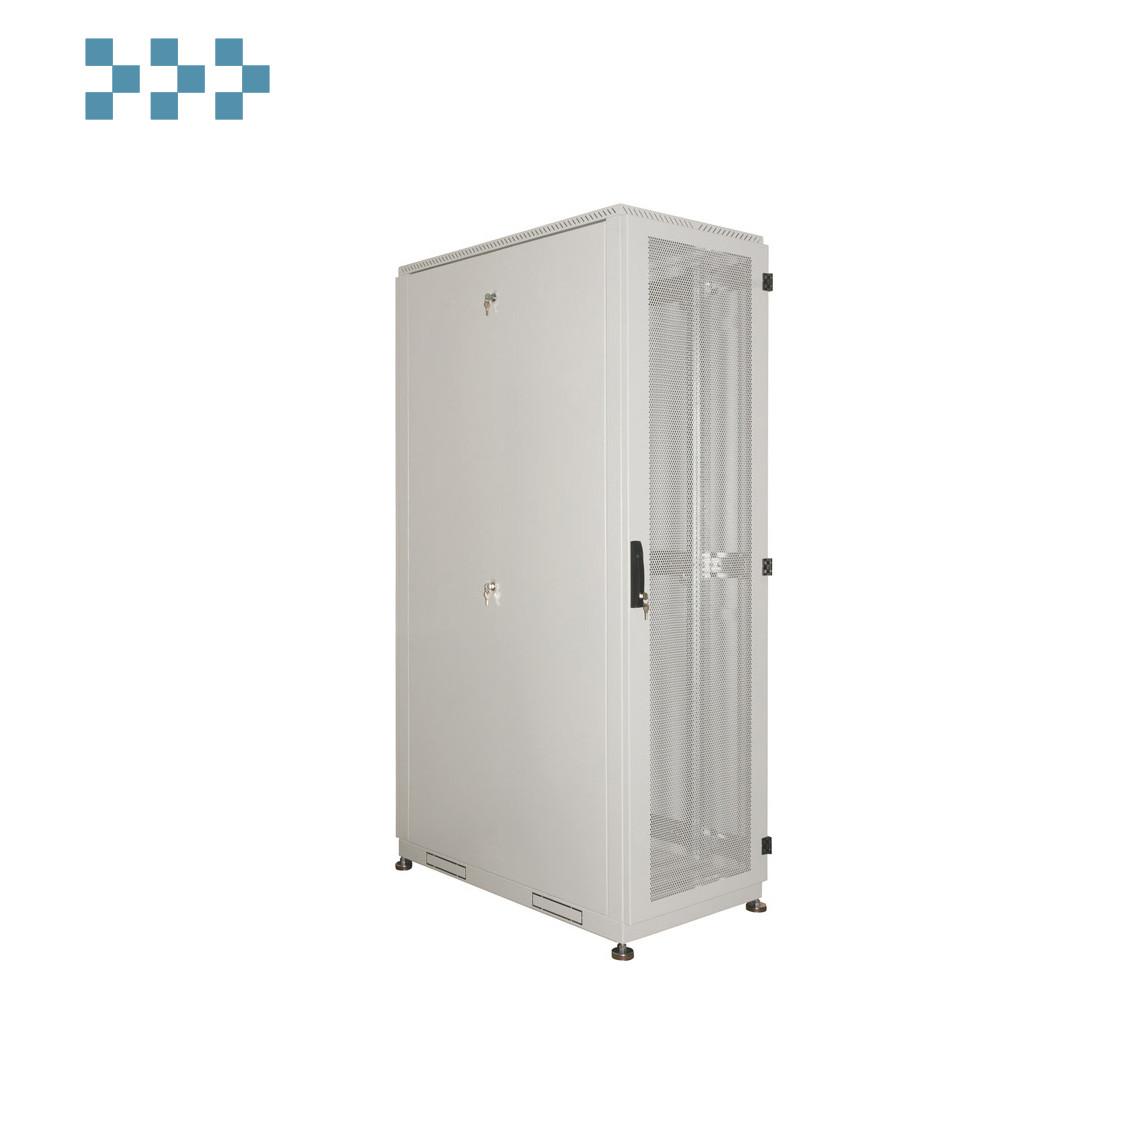 Шкаф серверный напольный 42U ЦМО ШТК-С-42.6.10-44АА